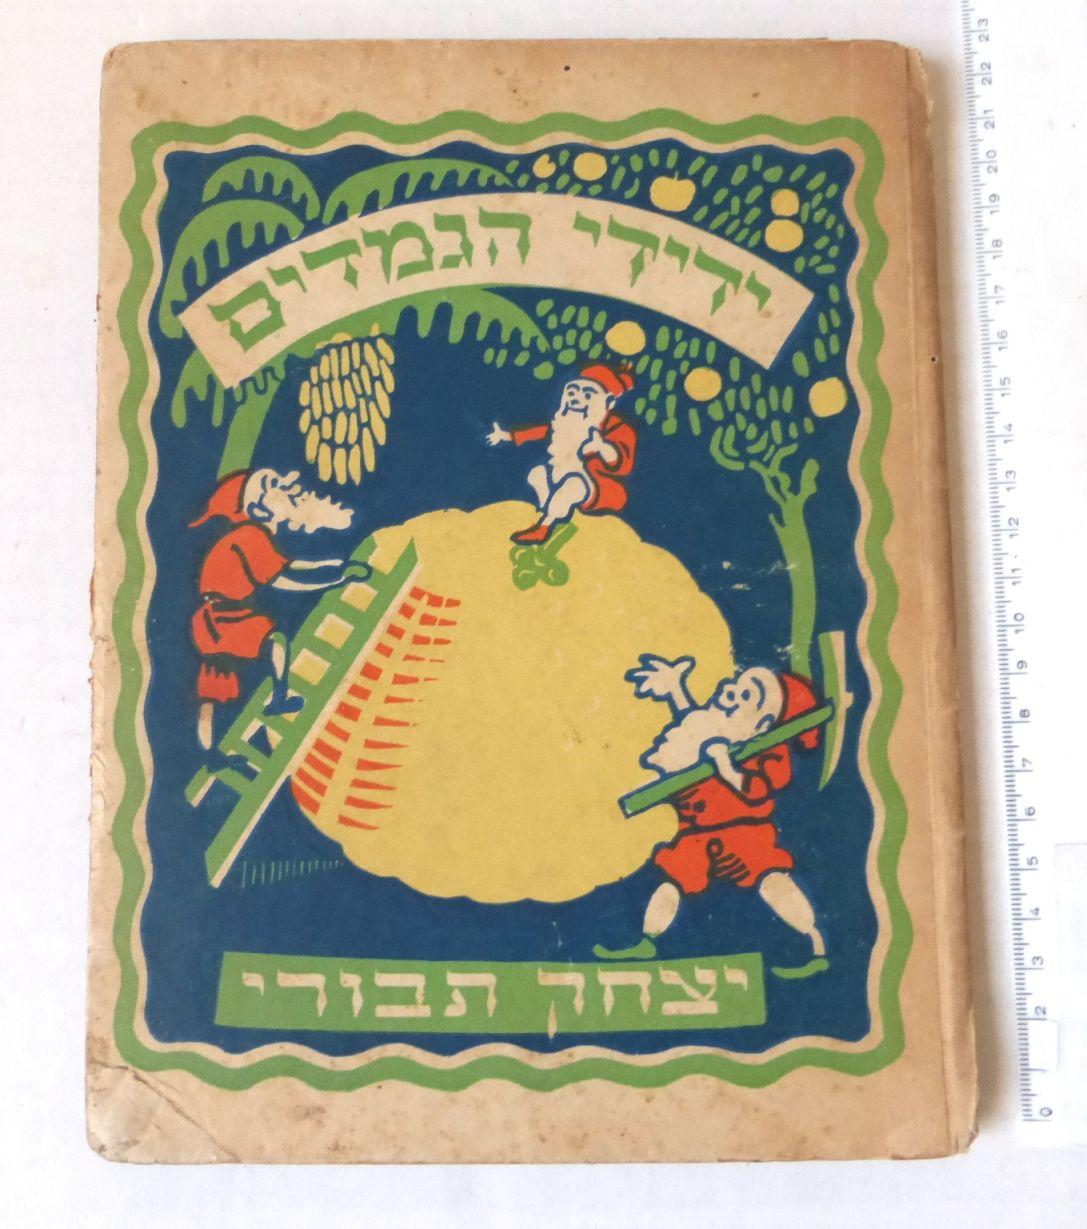 """ידידי הגמדים, הציורים מעשי ידי י. תבורי ואהרון גלעד, הוצ הקיבוץ המאוחד, תש""""ו 1946, 56 עמ'"""